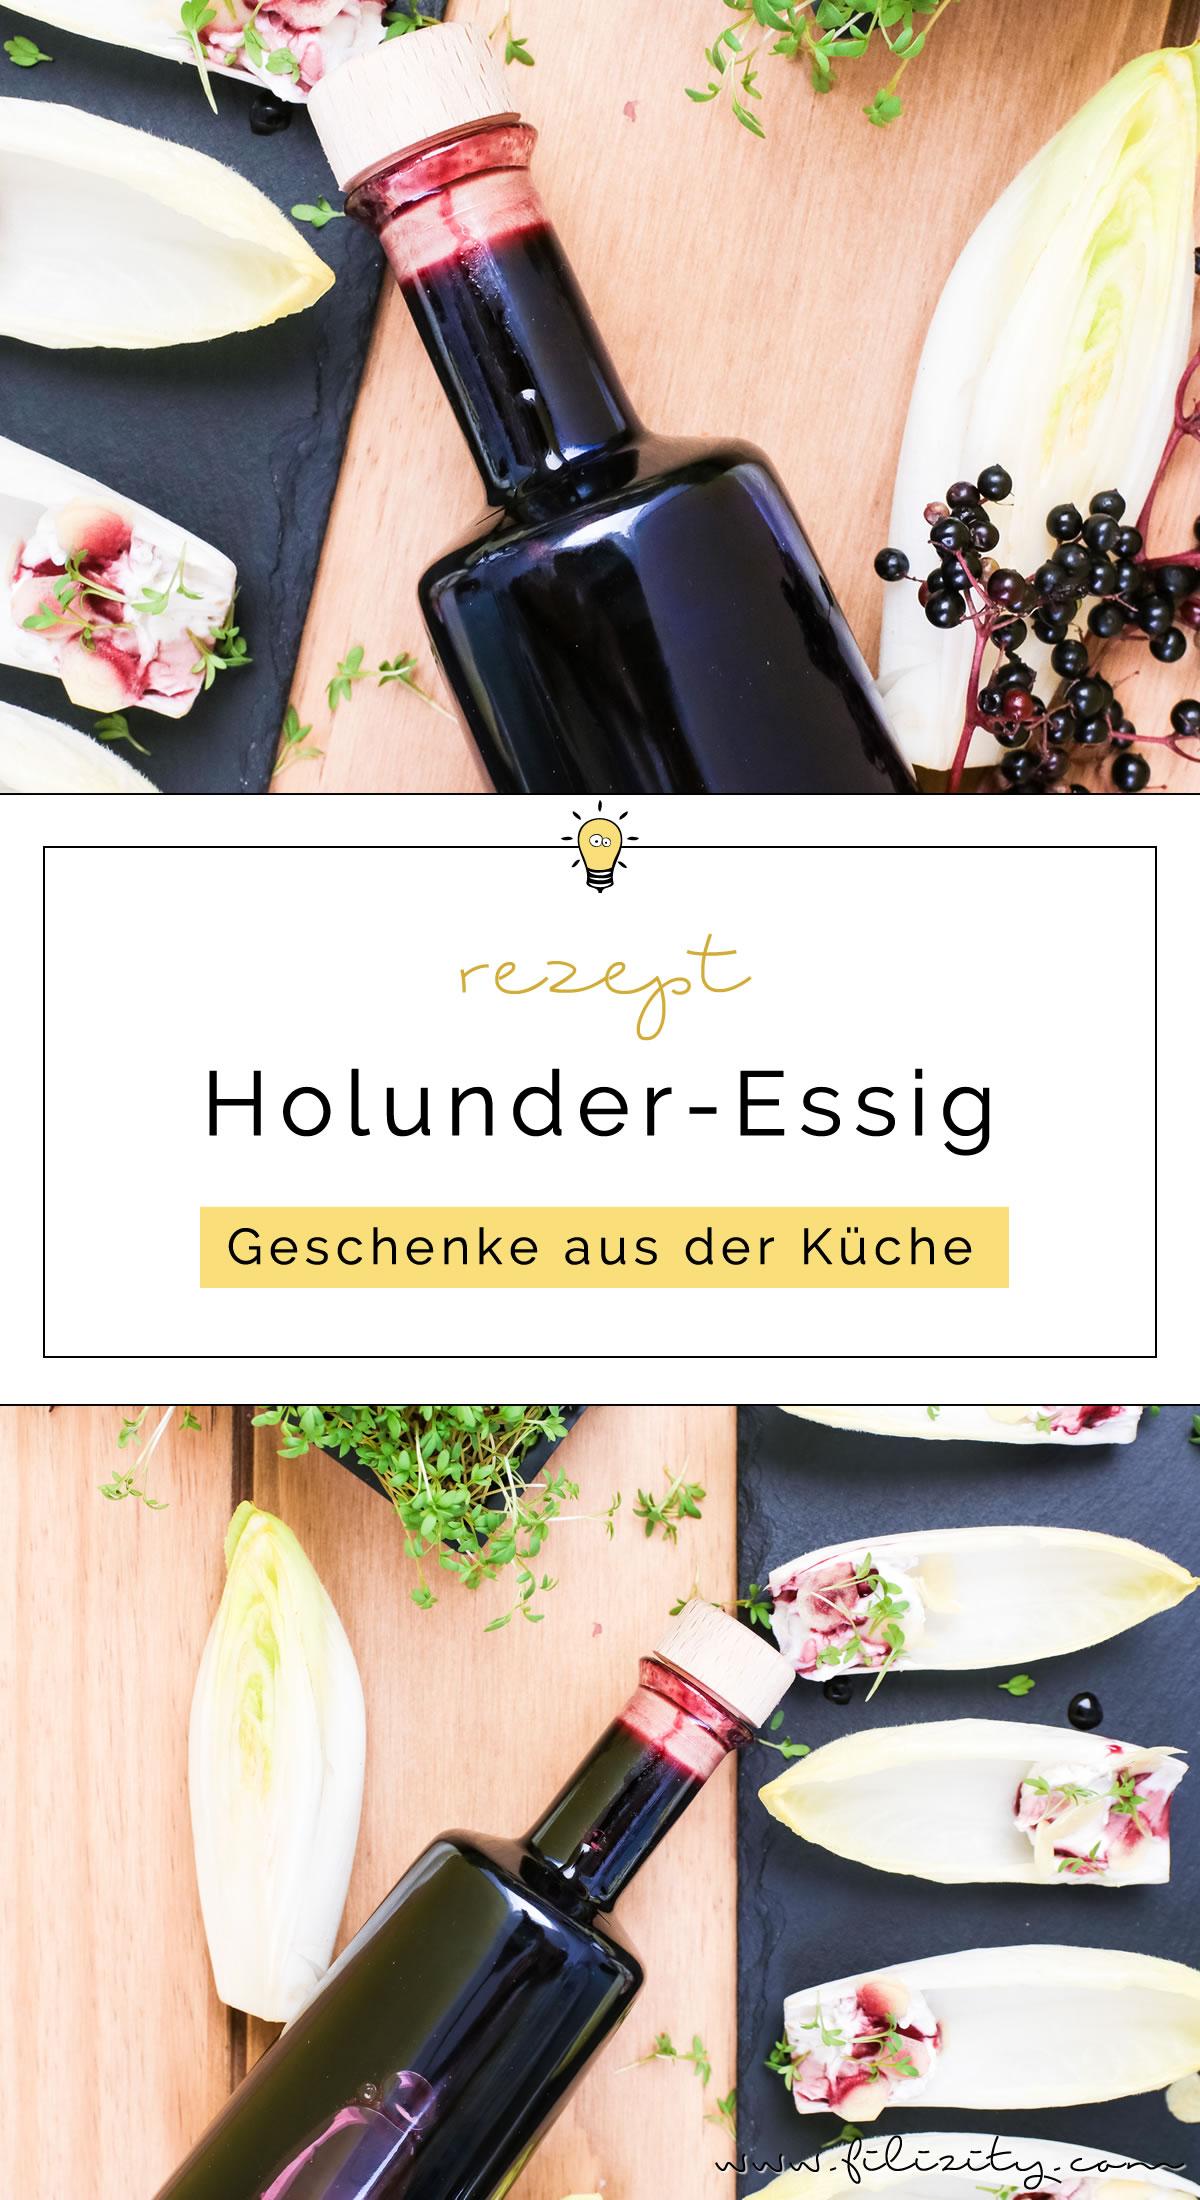 So kannst du Holunder-Essig selber machen | Eine tolle DIY Geschenkidee für Weihnachten & andere Anlässe | Filizity.com | Food-Blog aus dem Rheinland #holler #holunder #herbst #sommer #geschenkidee